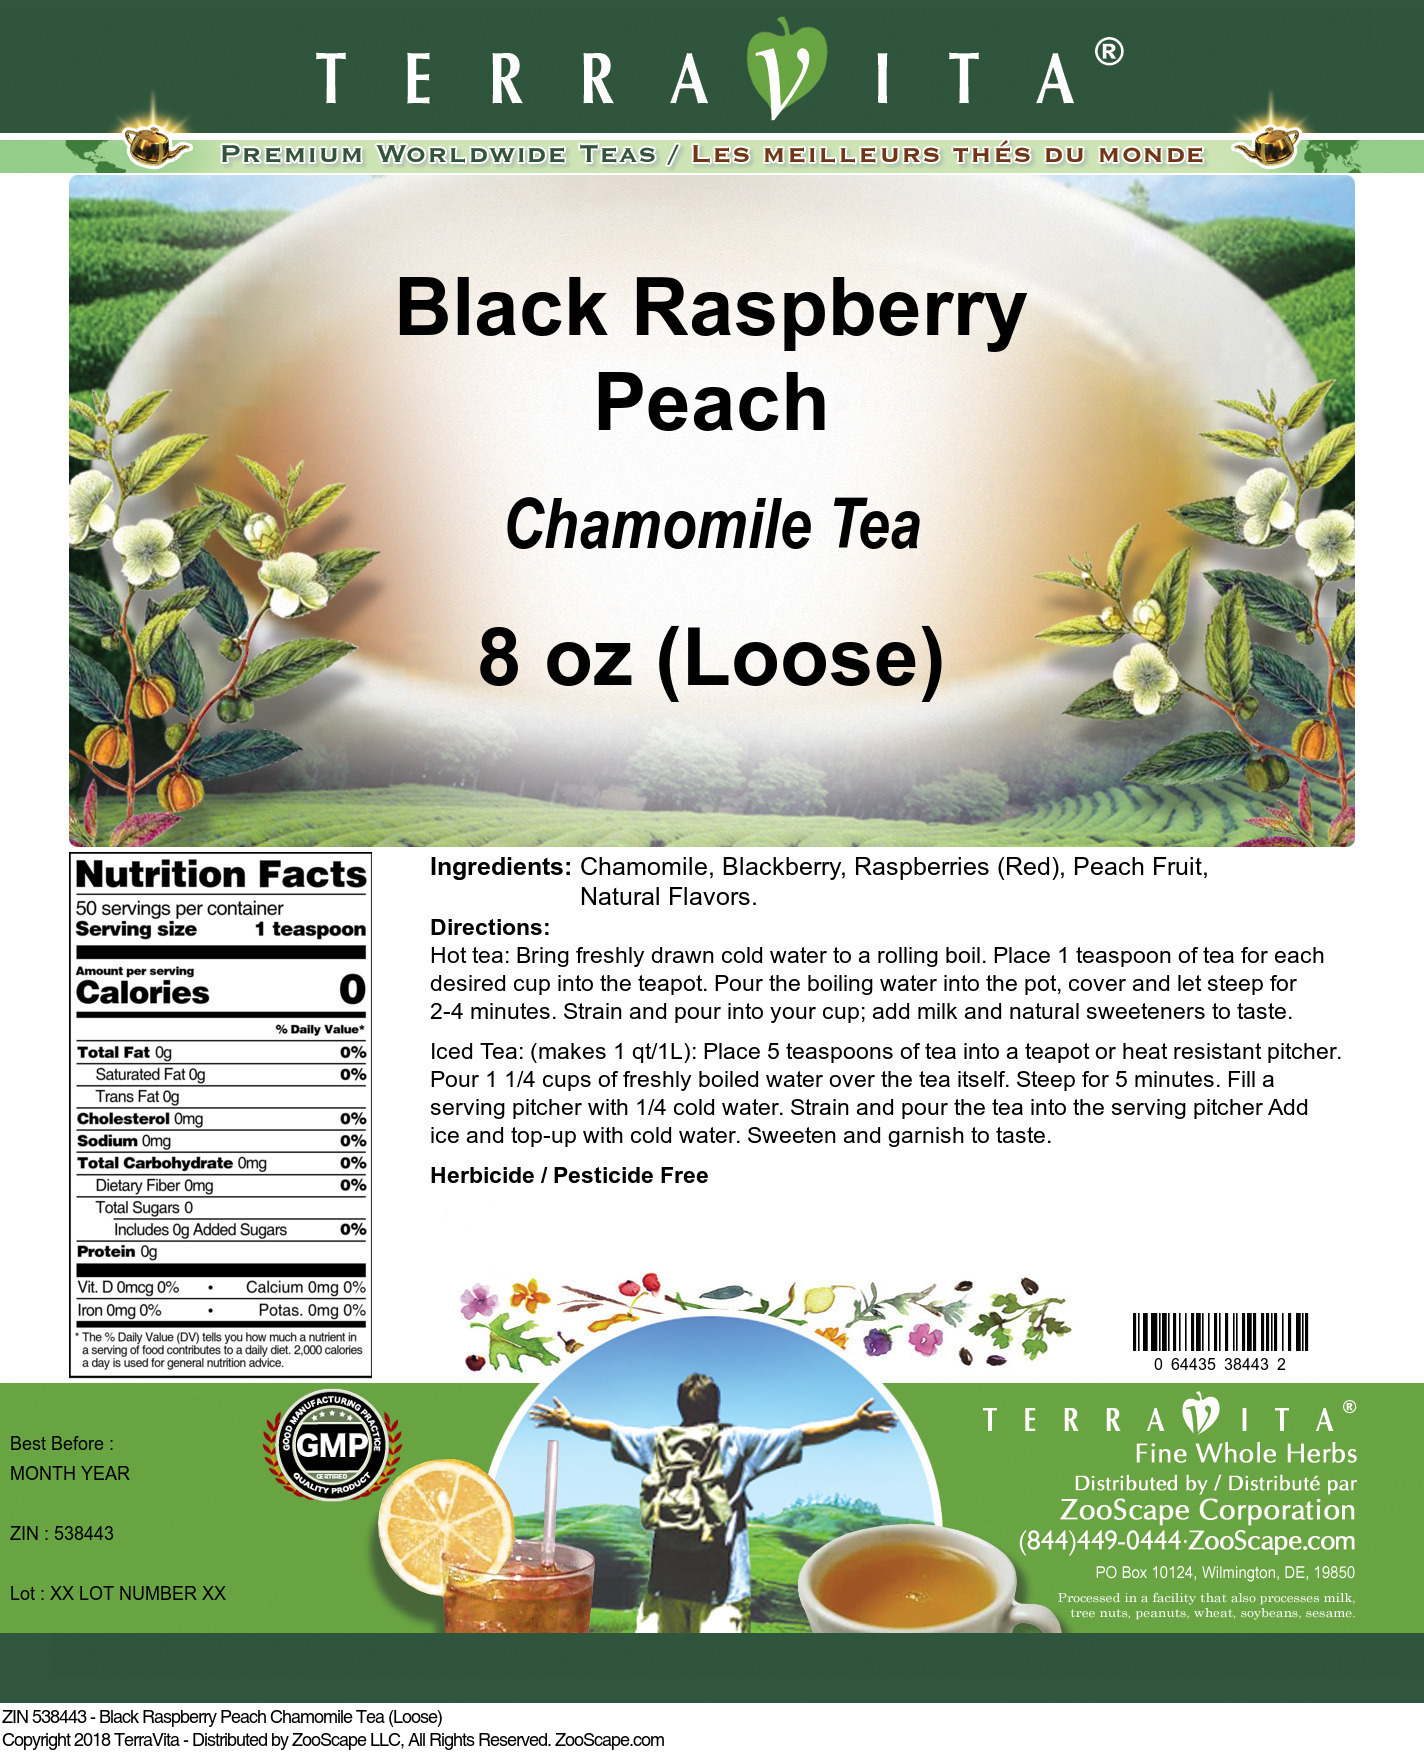 Black Raspberry Peach Chamomile Tea (Loose)